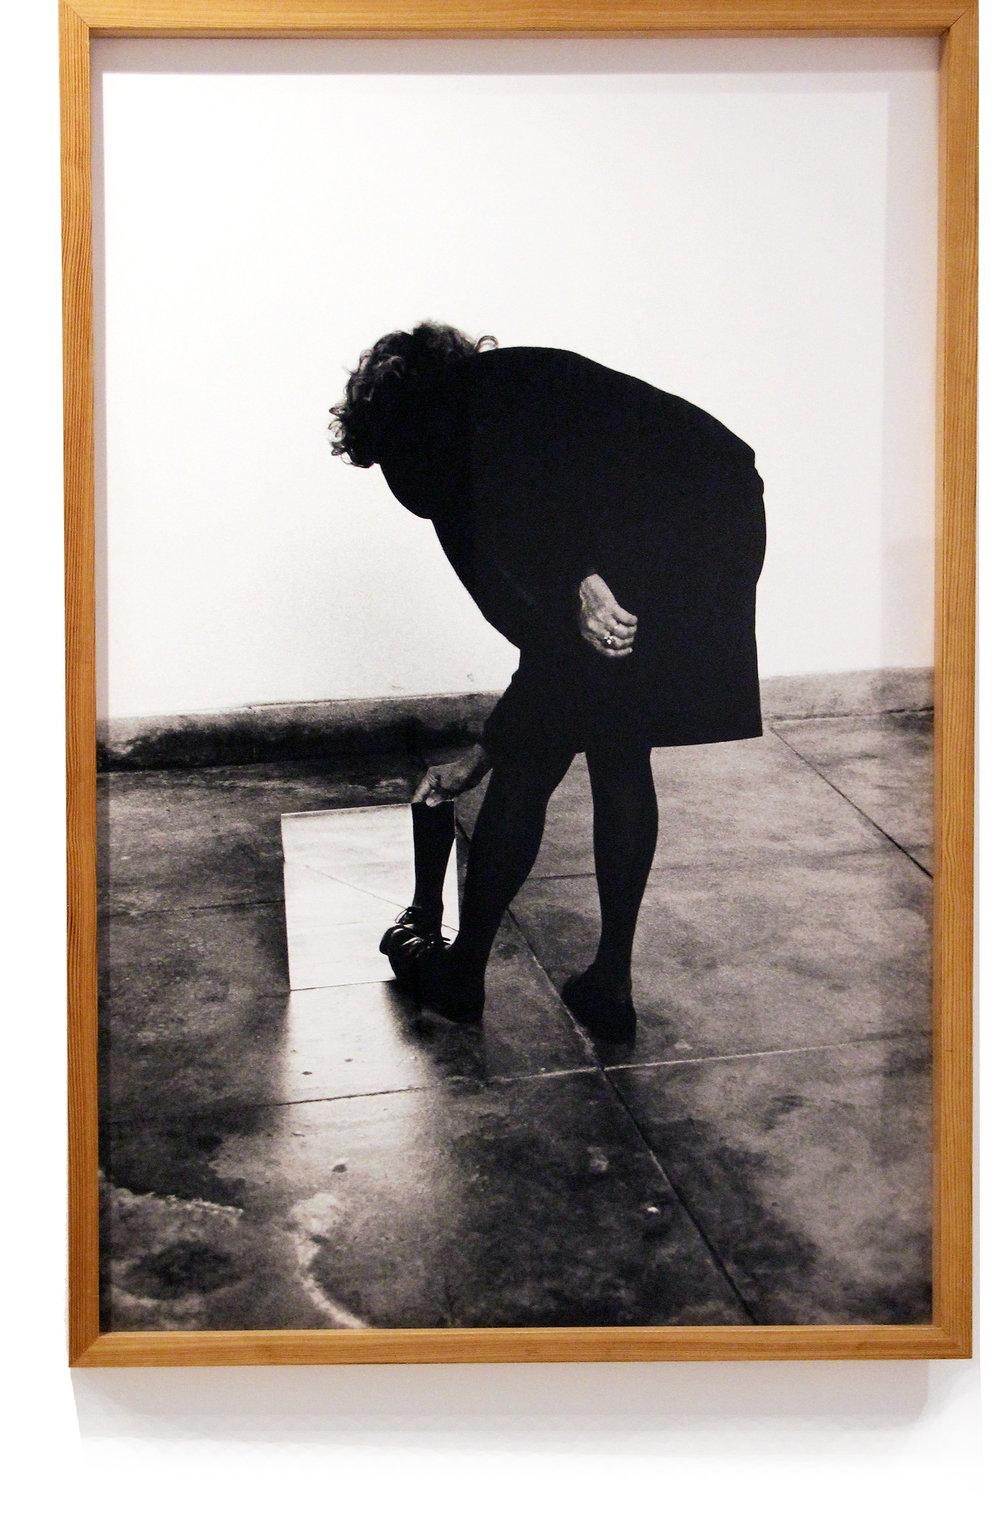 Helena Almeida    Dentro de mim,  2000  Fotografía sobre papel  132 x 90 cm